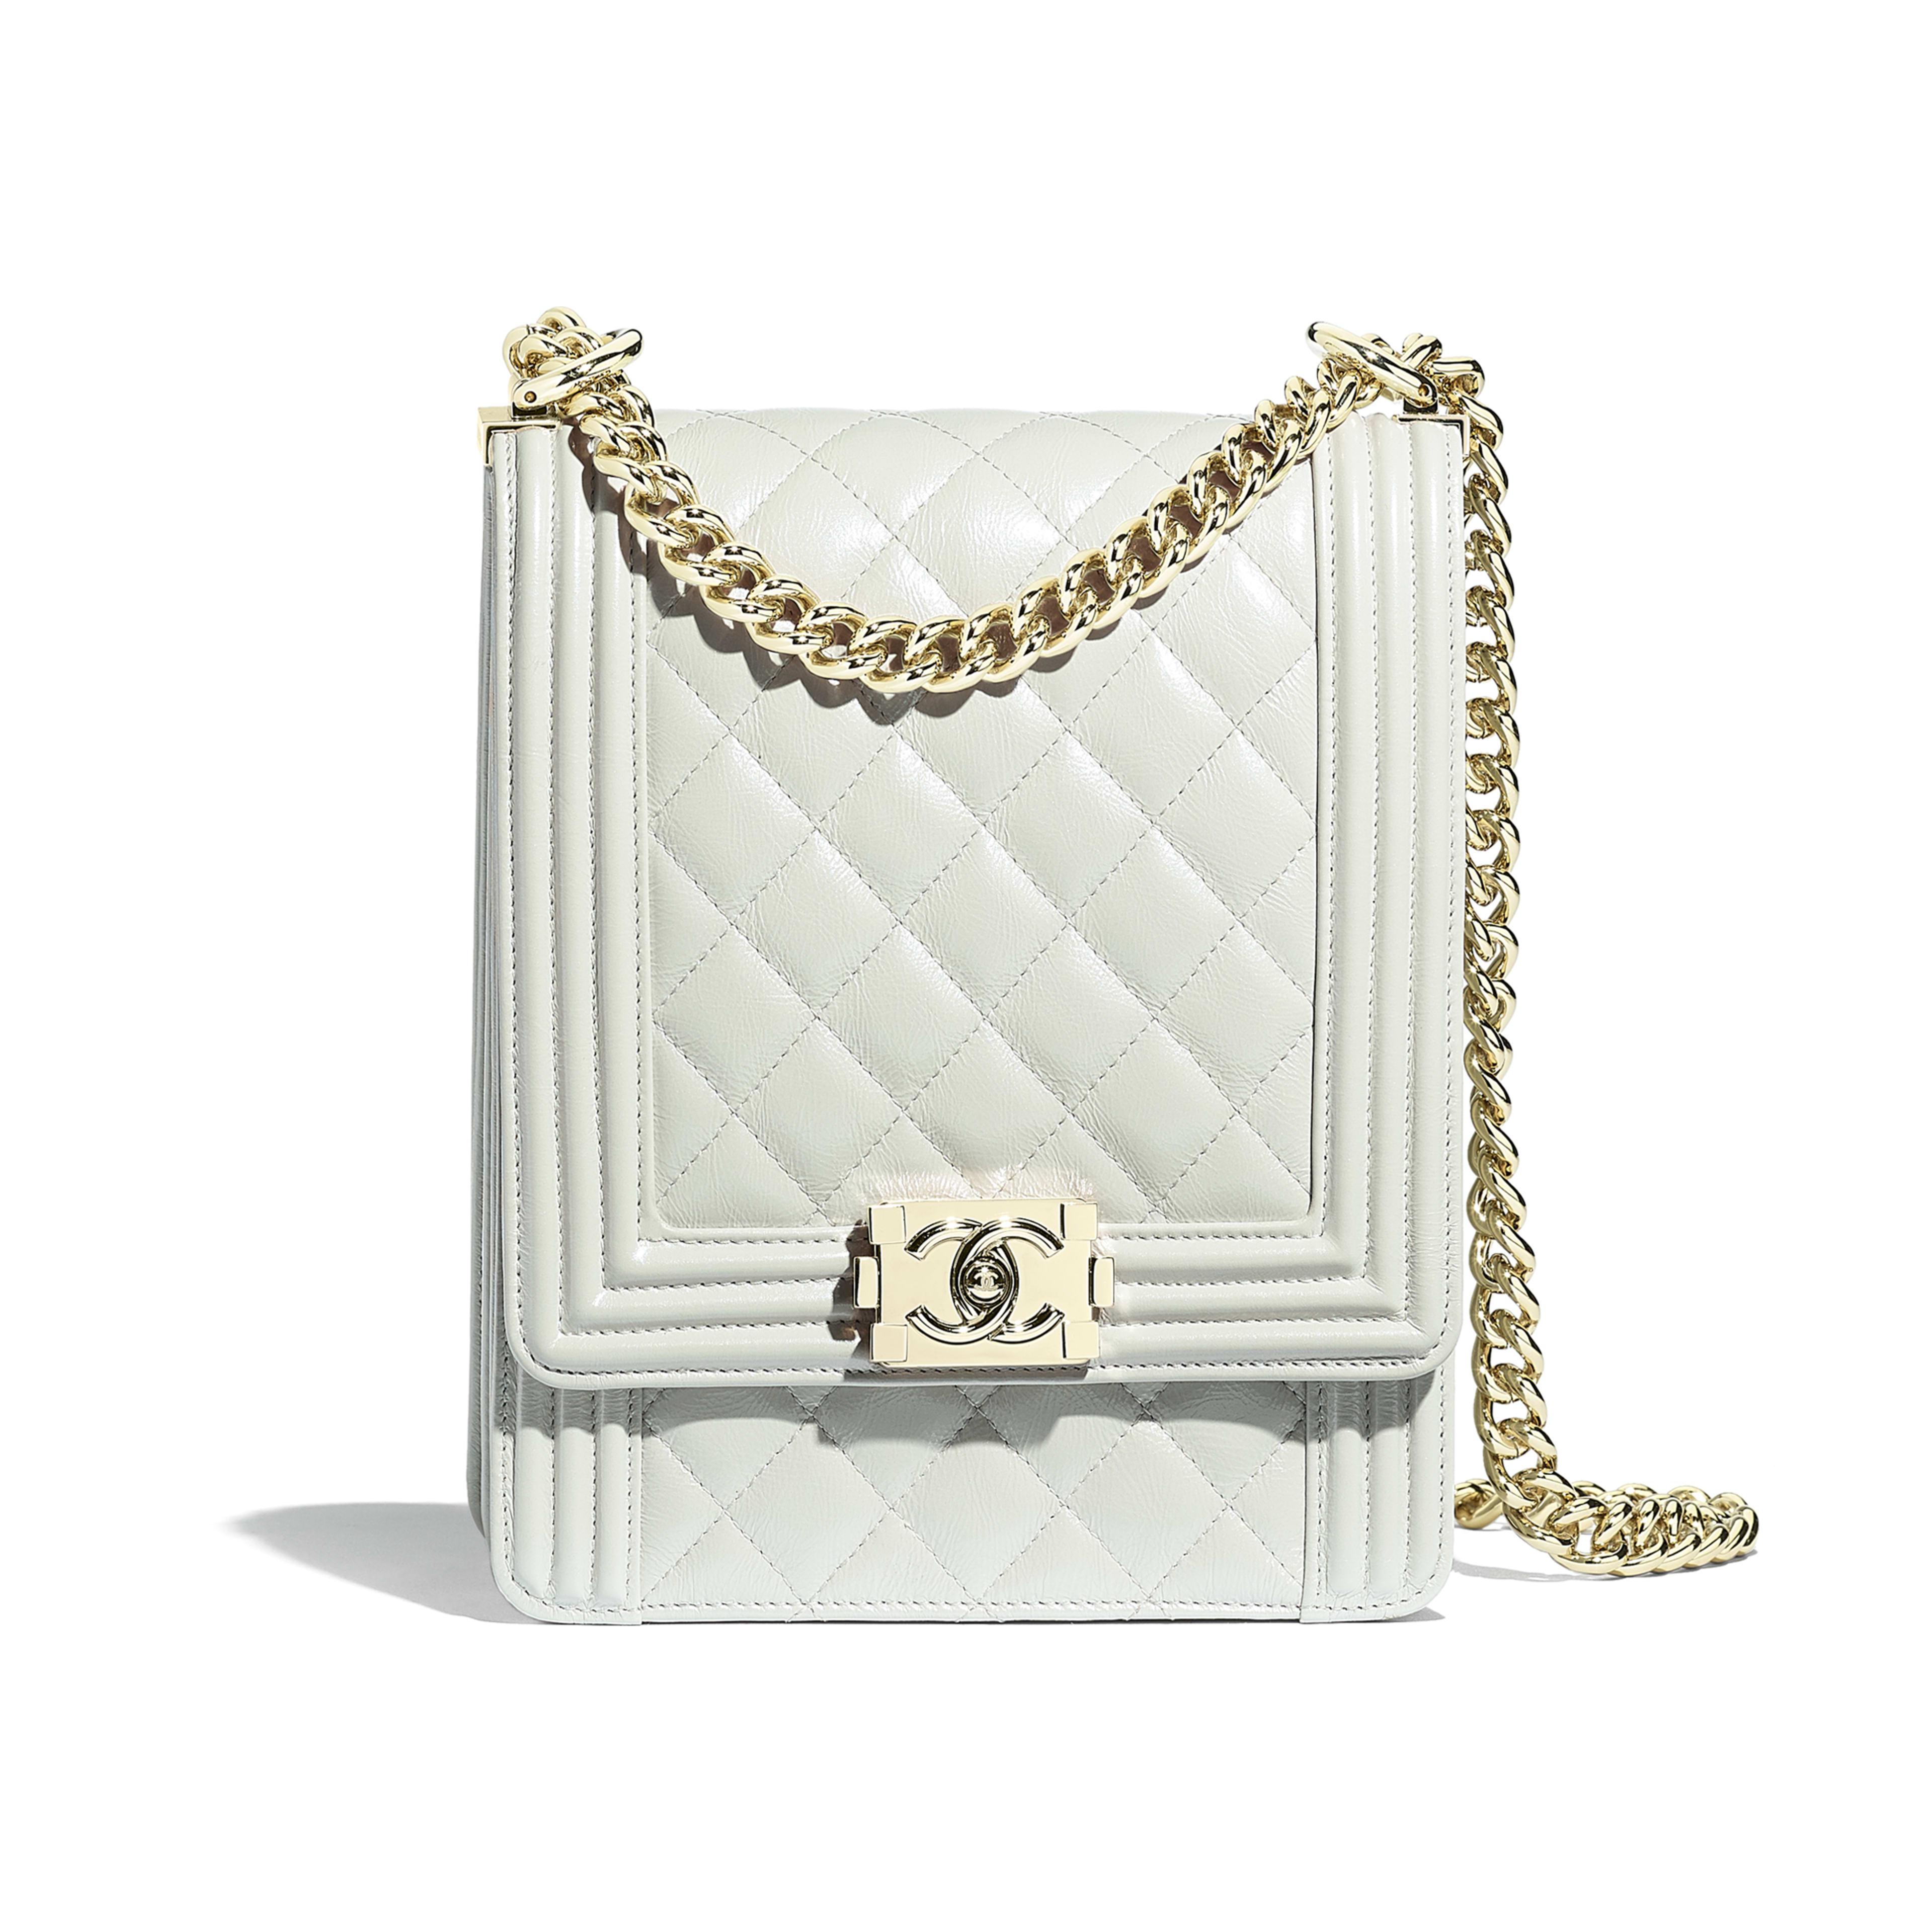 5ba46b49d059 BOY CHANEL Handbag - Light Gray - Iridescent Calfskin   Gold-Tone Metal -  Default ...